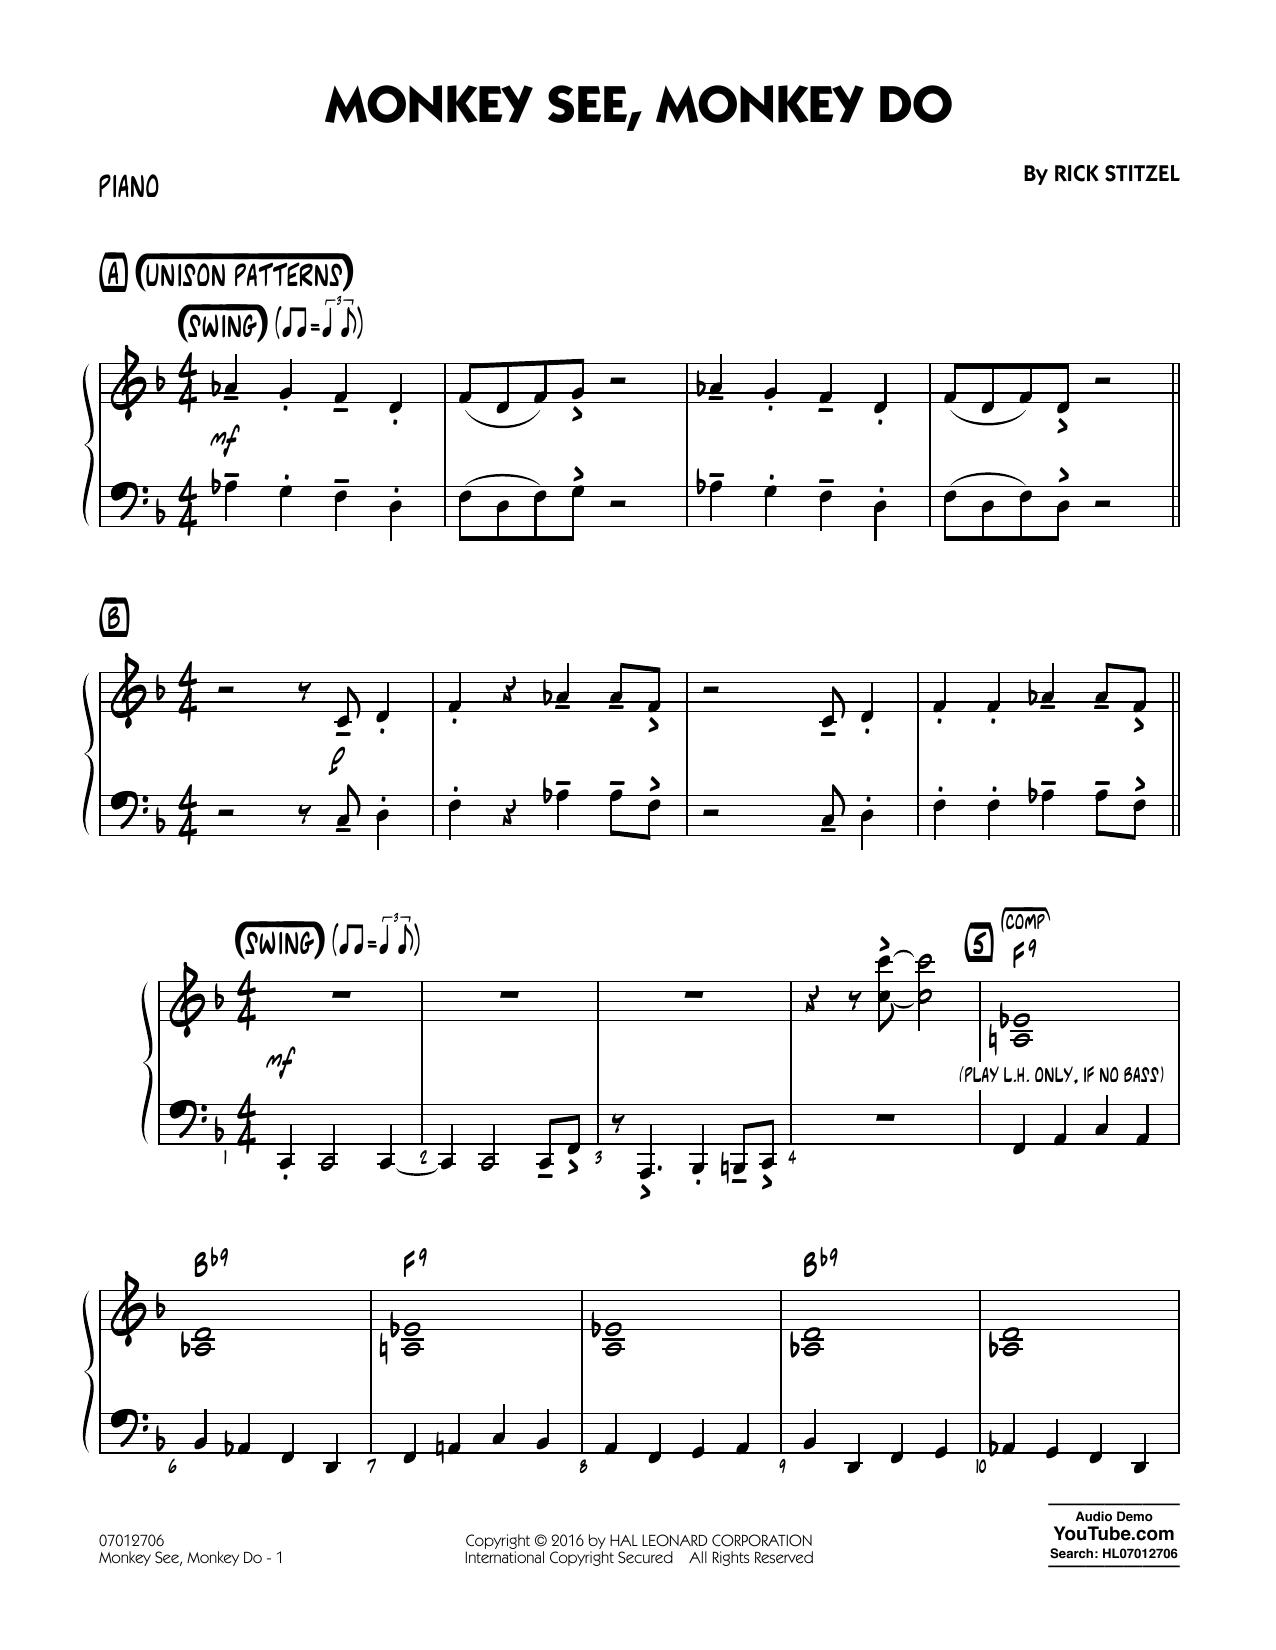 Monkey See, Monkey Do - Piano